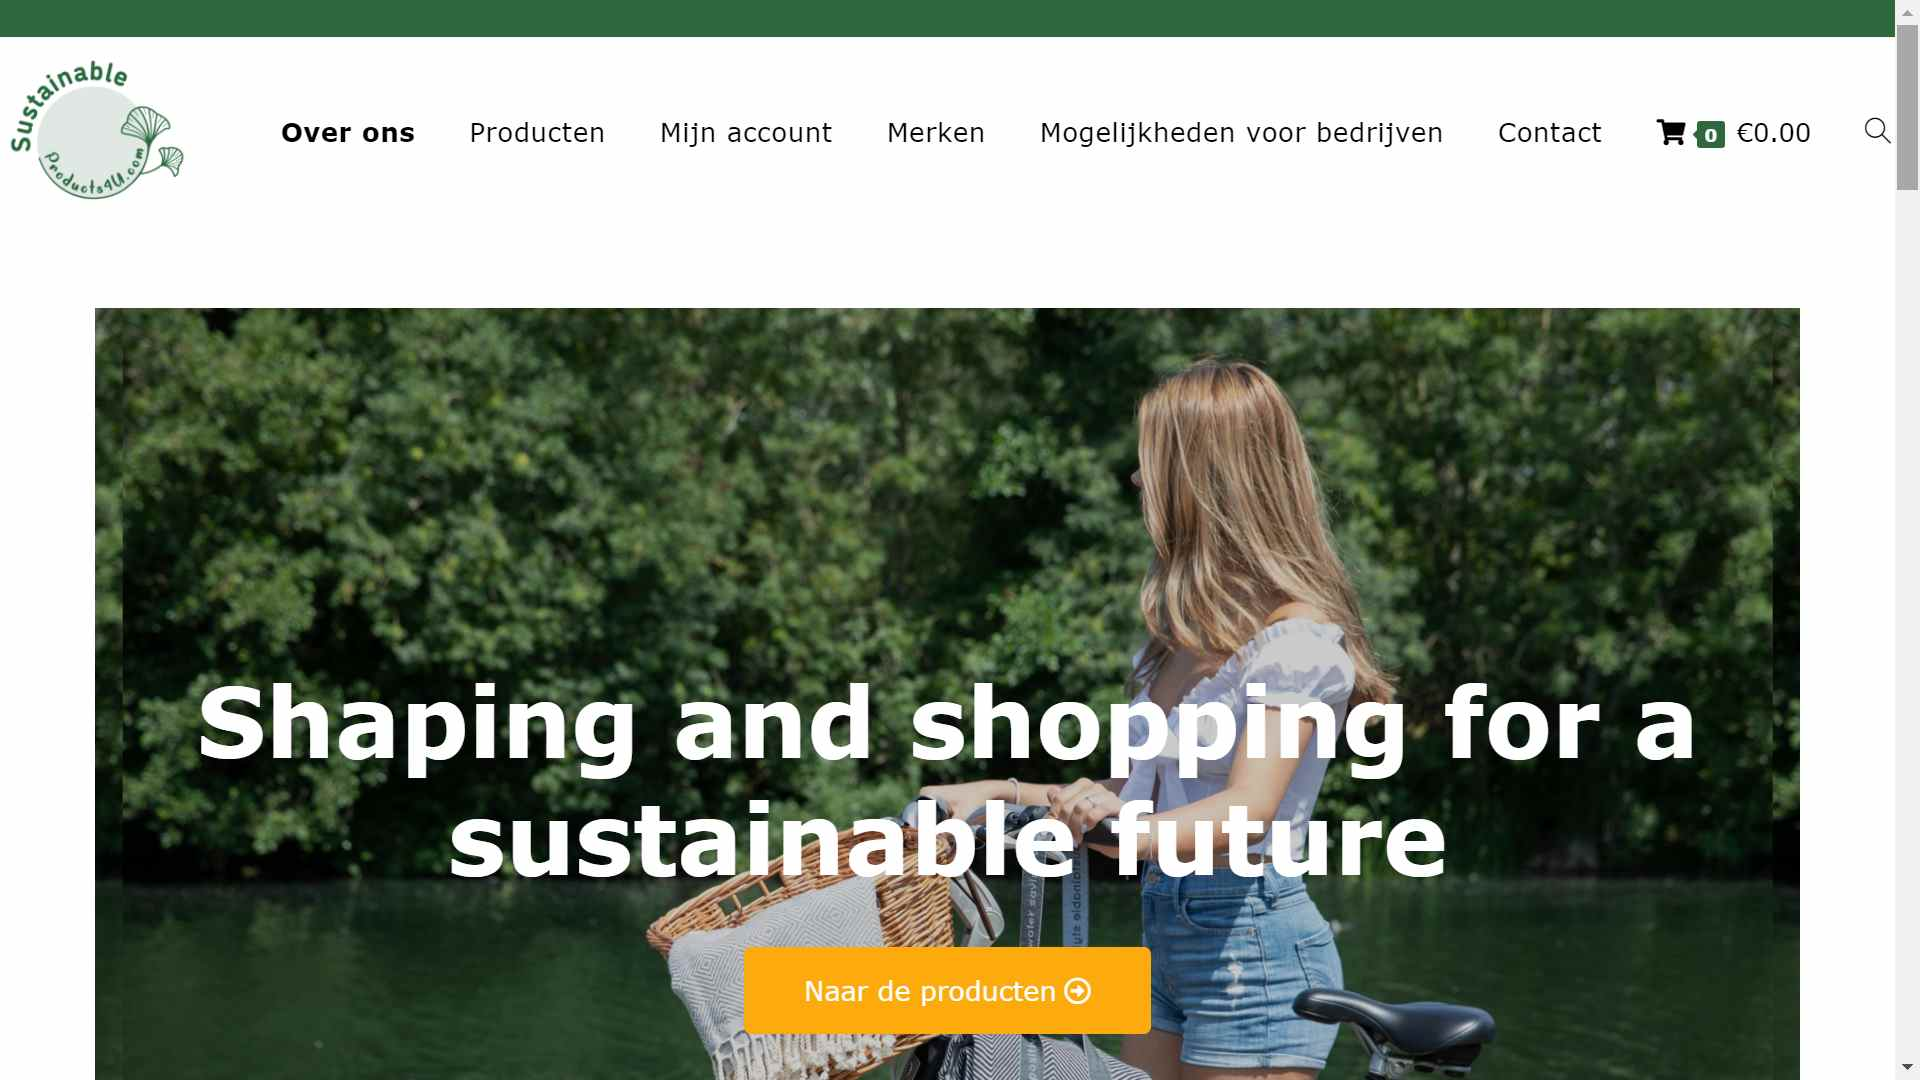 webprof-webshop-sustainableproducts4u